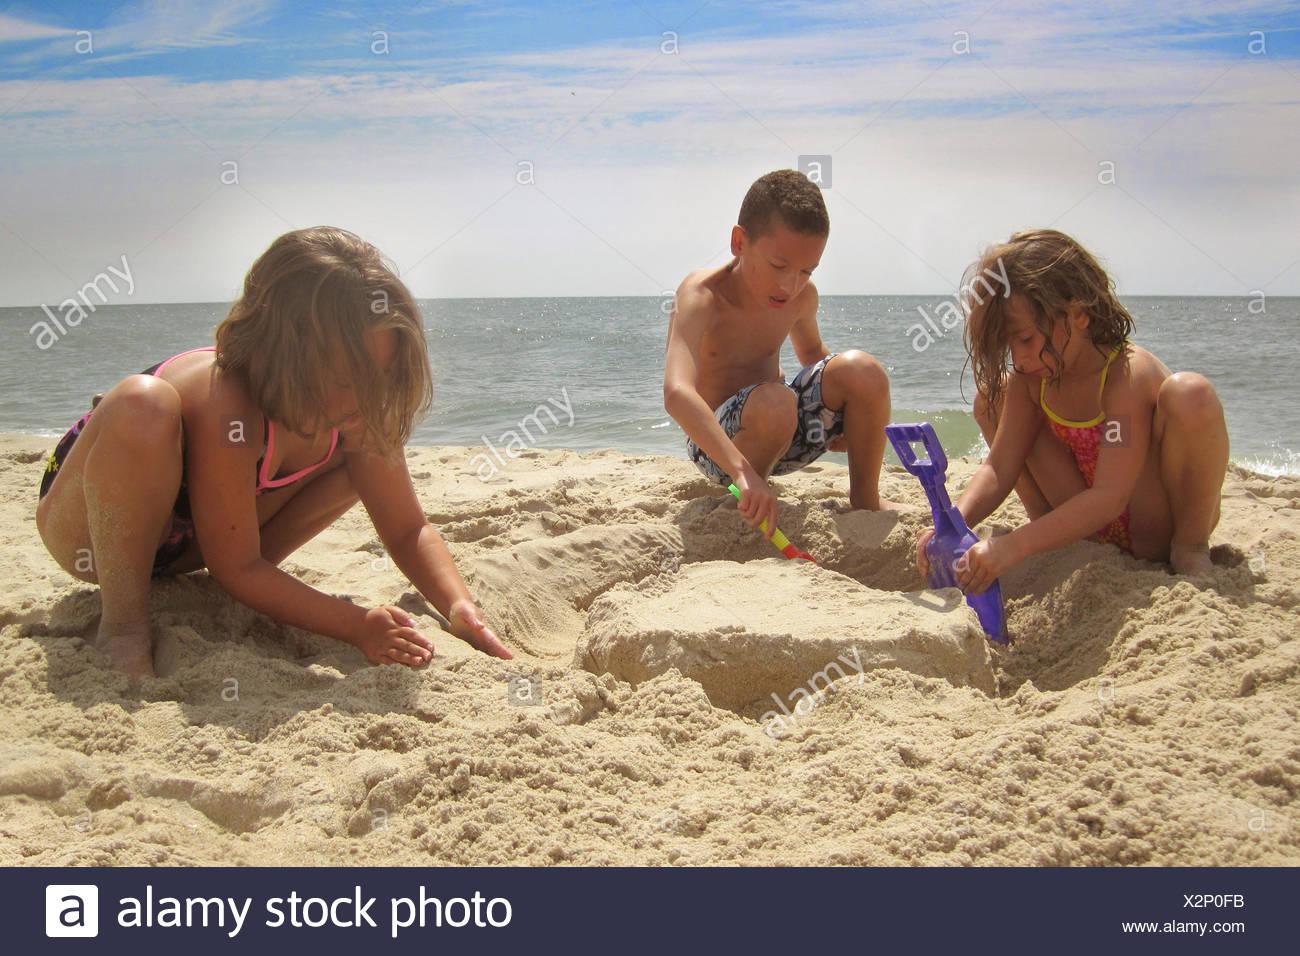 Tres hermanos (6-7, 8-9, 10-11) en la playa Imagen De Stock